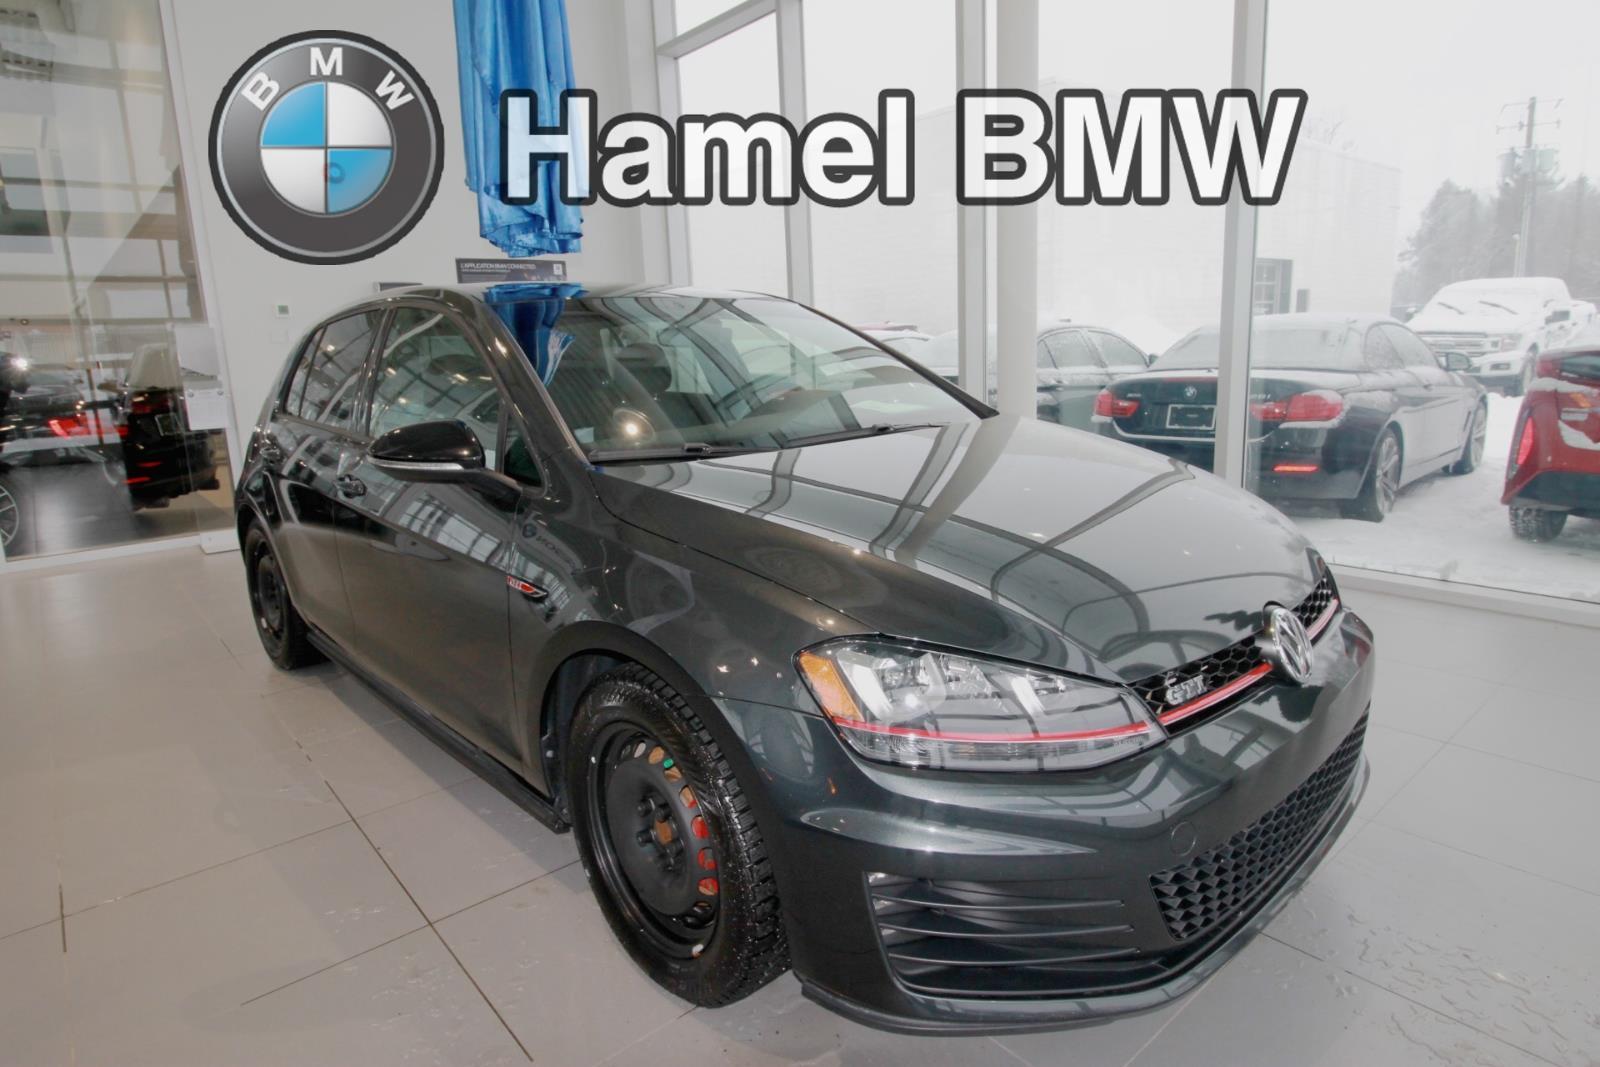 Volkswagen Golf Gti 2017 5dr HB Man Autobahn #u19-012